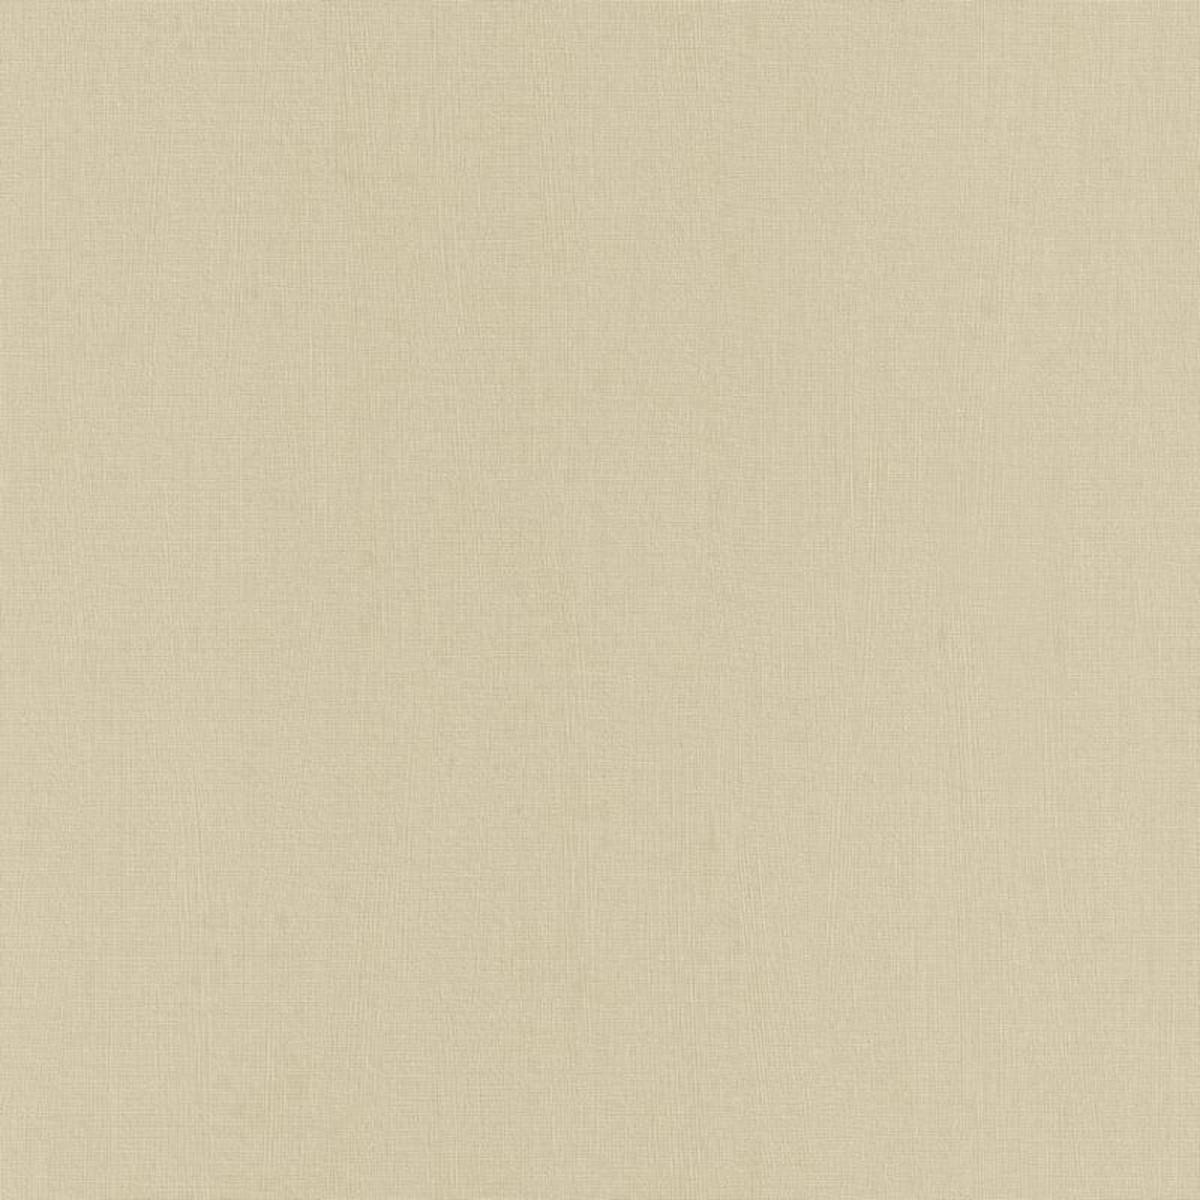 Обои флизелиновые Rasch Easy passion бежевые 0.53 м 732085